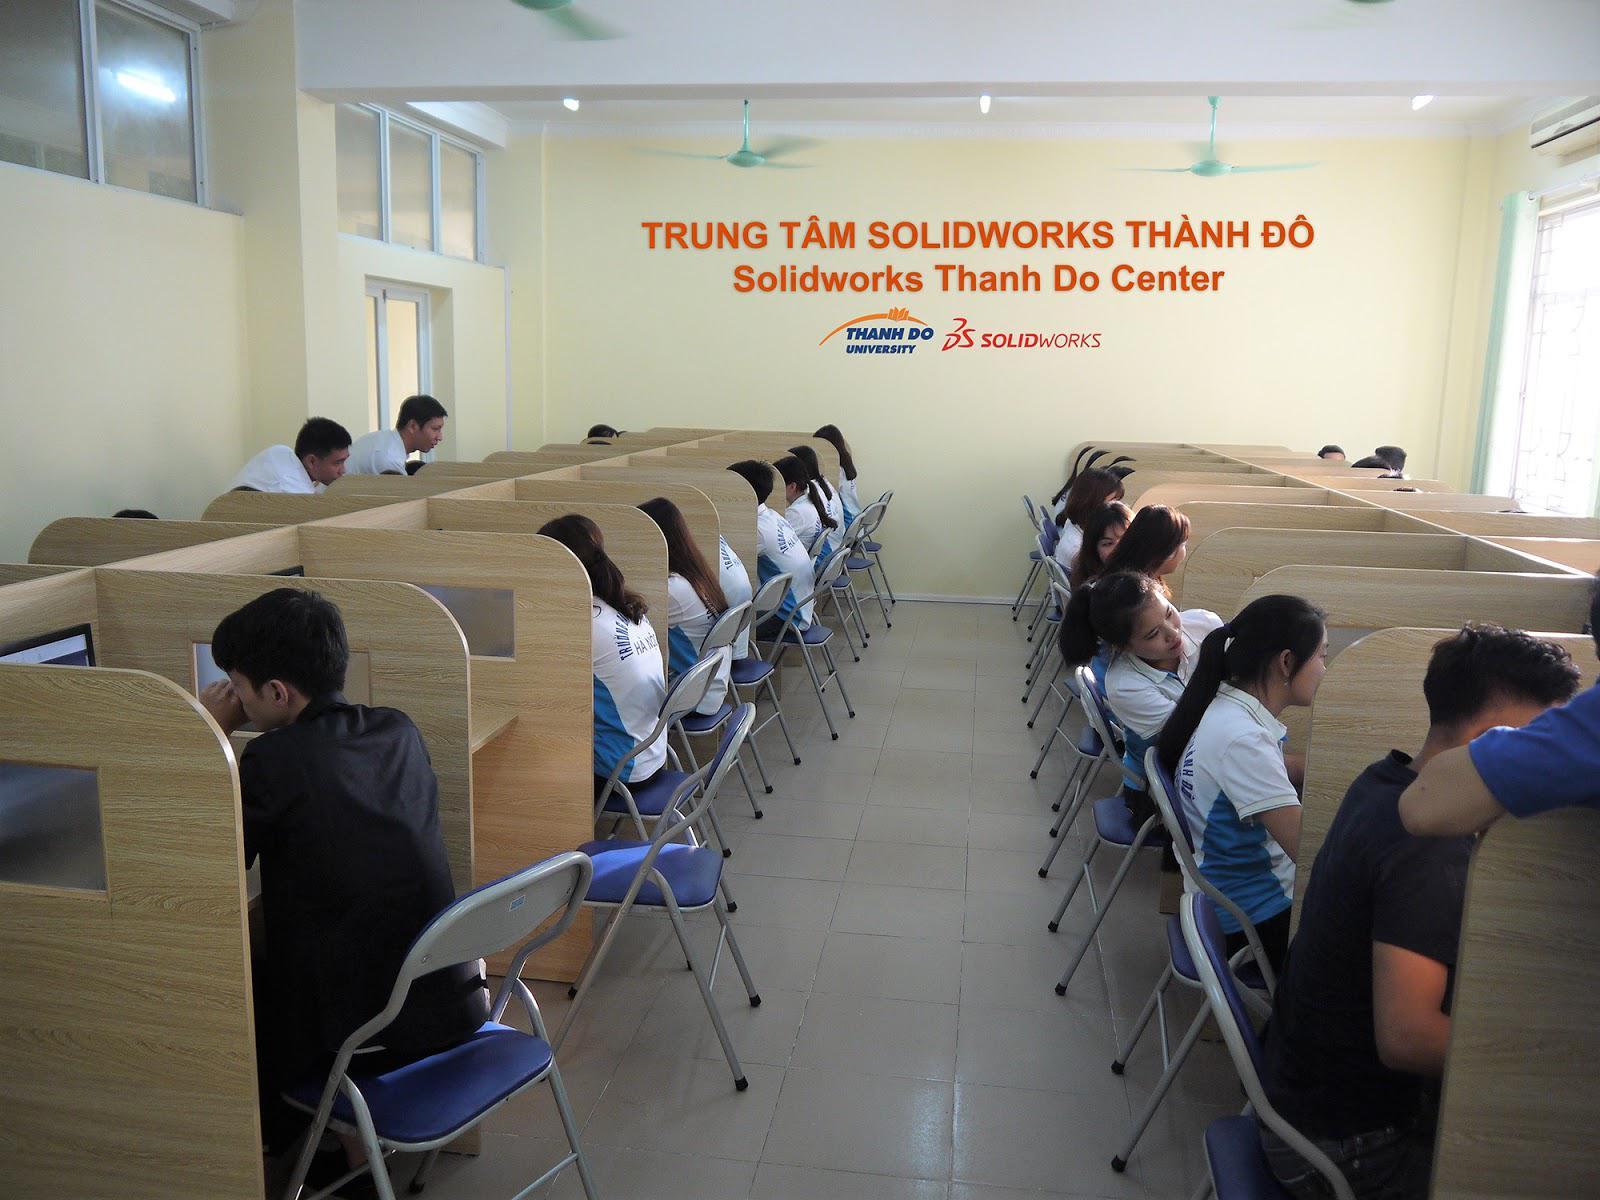 Trung tâm SolidWorks ĐH Thành Đô